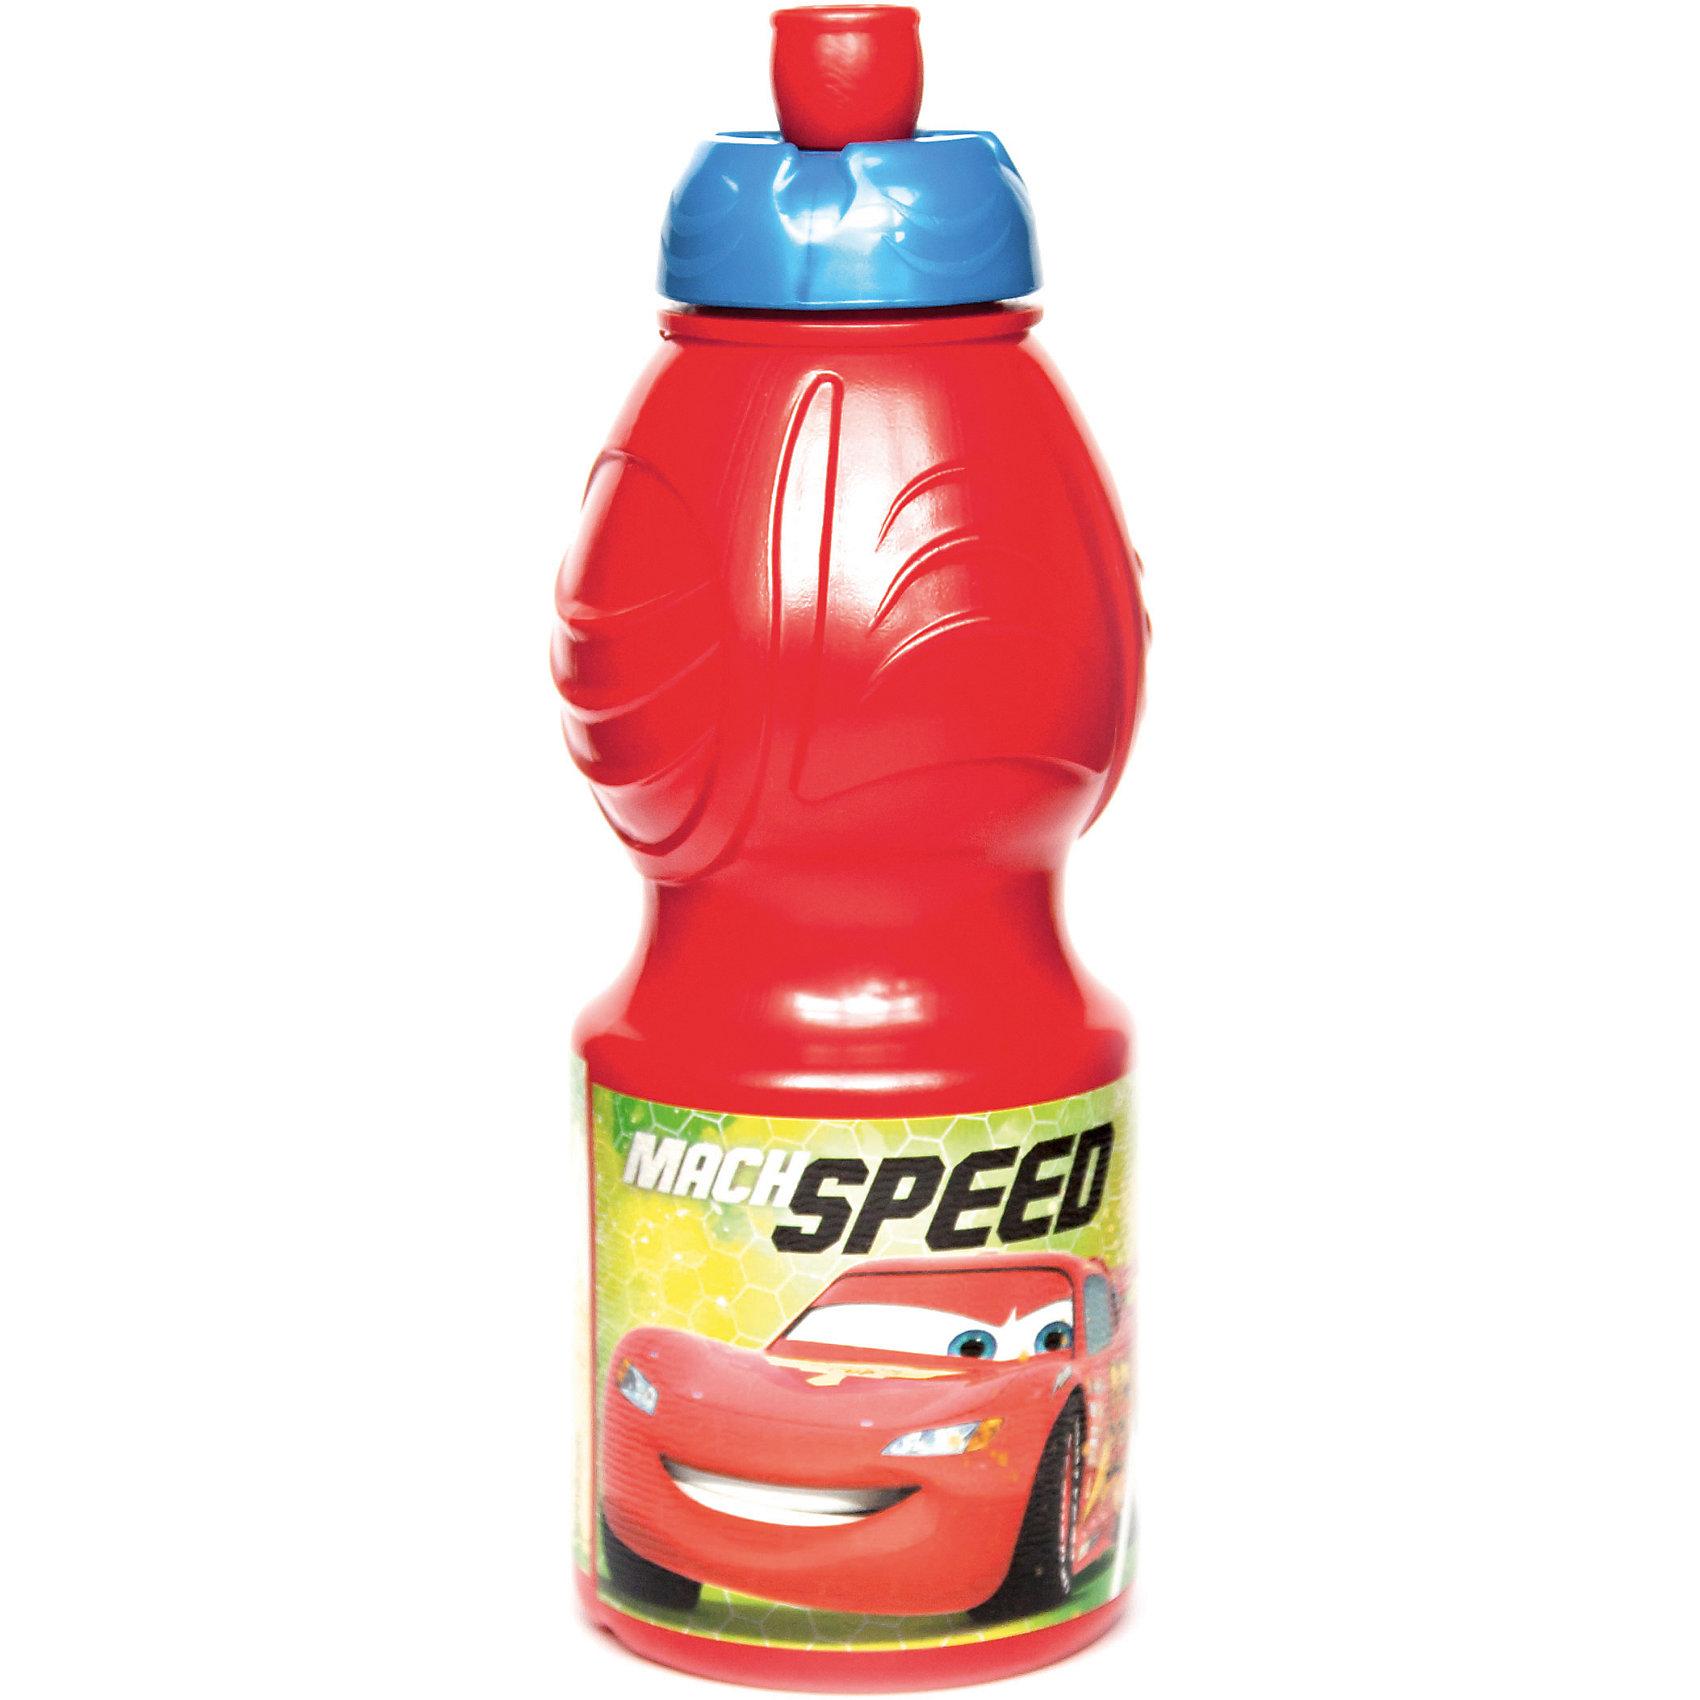 Бутылка пластиковая 400 мл., Тачки Грани гонокБутылки для воды и бутербродницы<br>Спортивная бутылочка для холодных жидкостей из пищевого пластика с изображением любимого персонажа, объем 400 мл.<br><br>Ширина мм: 65<br>Глубина мм: 65<br>Высота мм: 180<br>Вес г: 52<br>Возраст от месяцев: 36<br>Возраст до месяцев: 2147483647<br>Пол: Унисекс<br>Возраст: Детский<br>SKU: 7010325